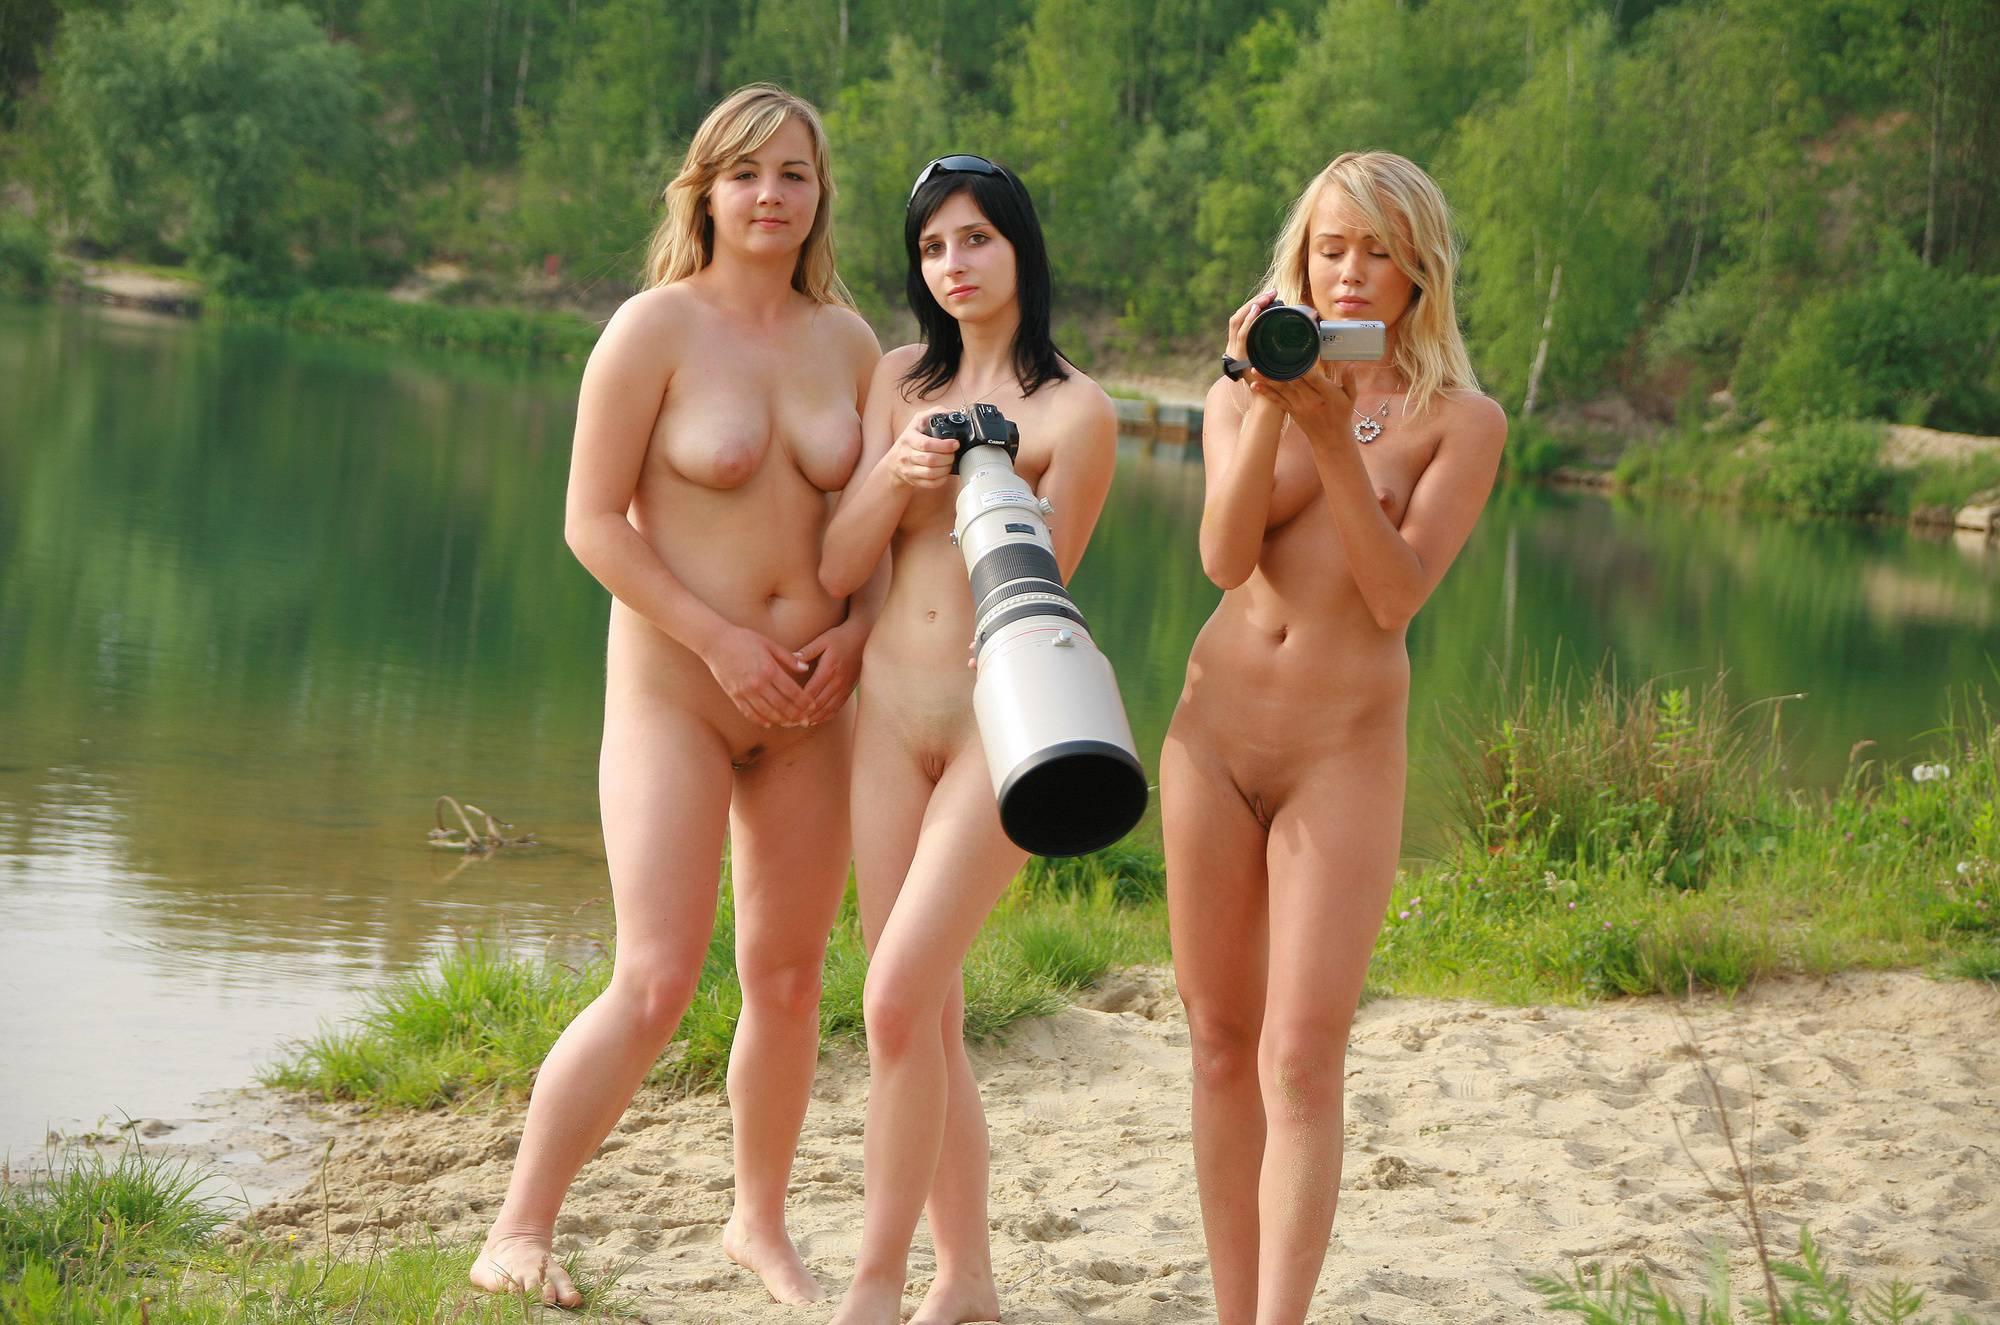 Lake Kryspinow Cameras - 2